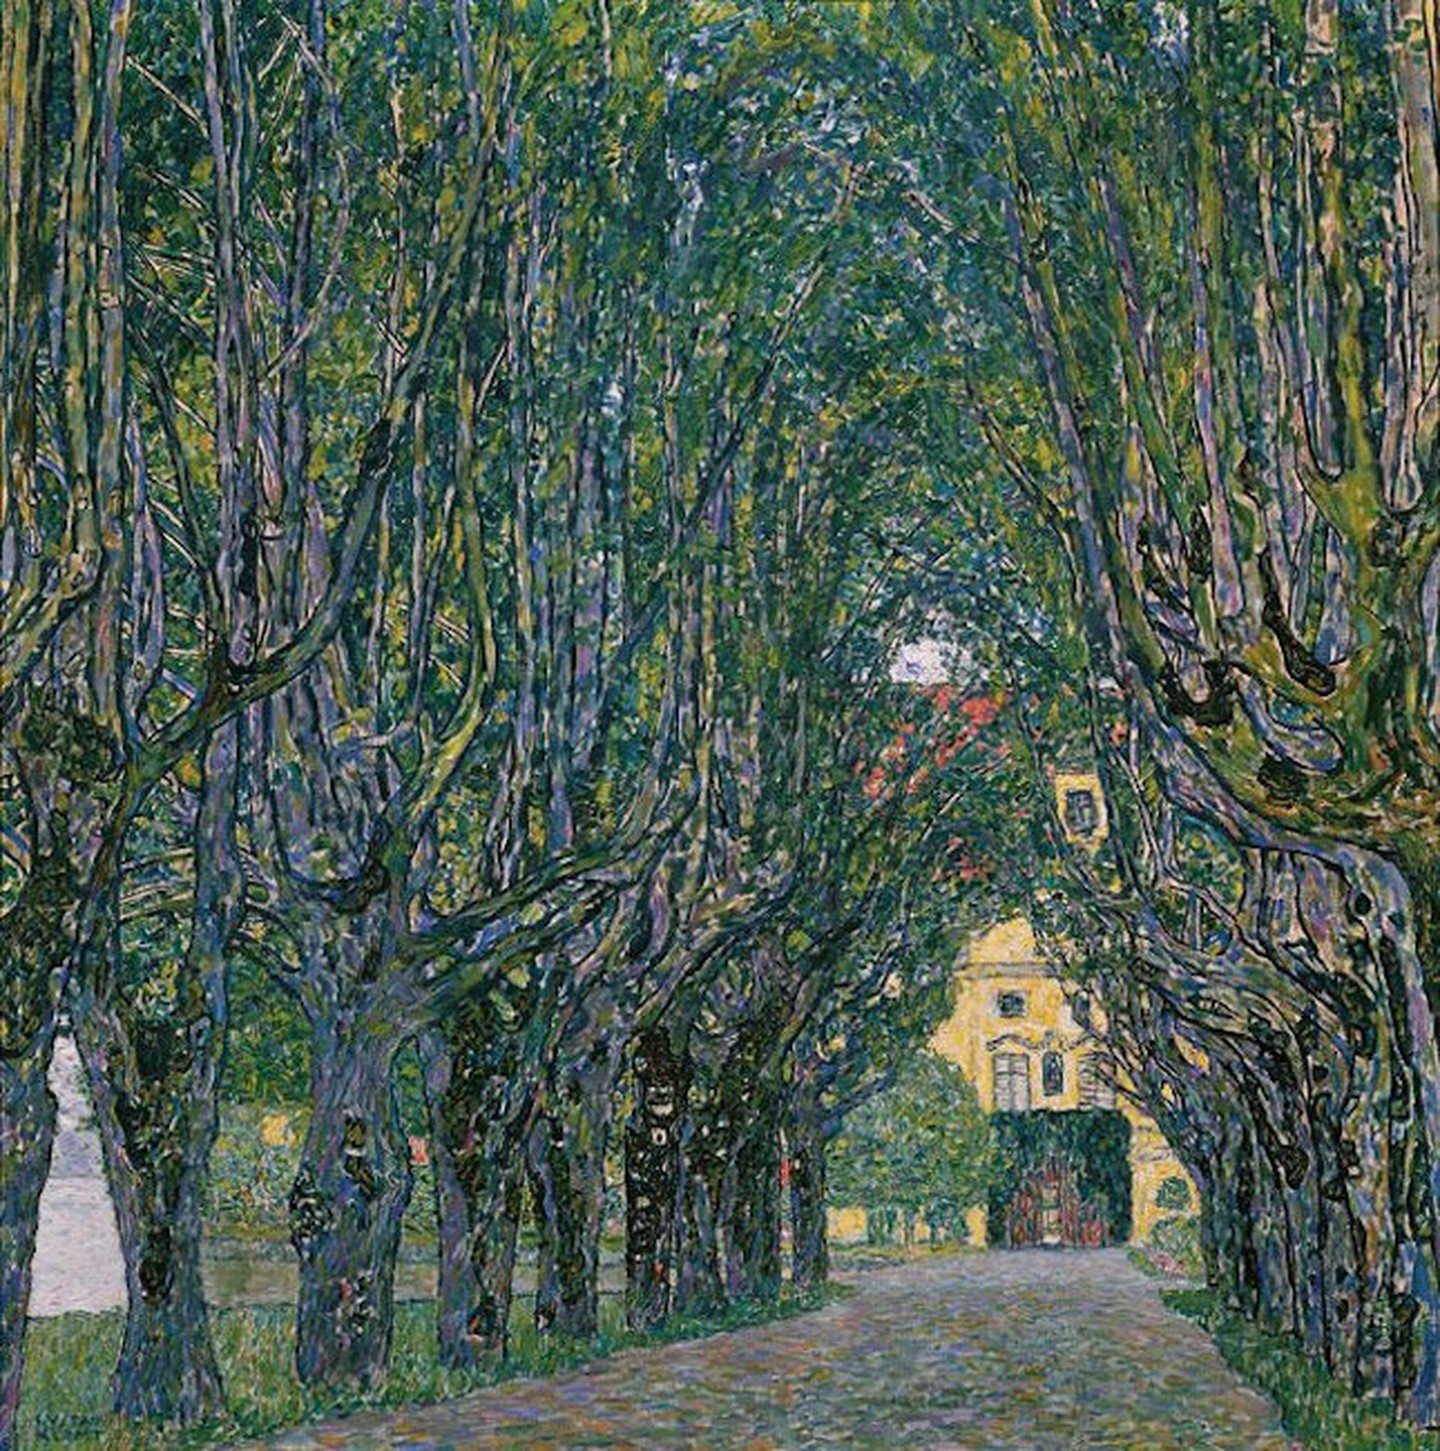 Γκούσταφ Κλιμτ, Δενδροστοιχία στο Σλος Κάμερ, 1912. Φωτογραφία: Österreichische Galerie Belvedere/WikiCommons